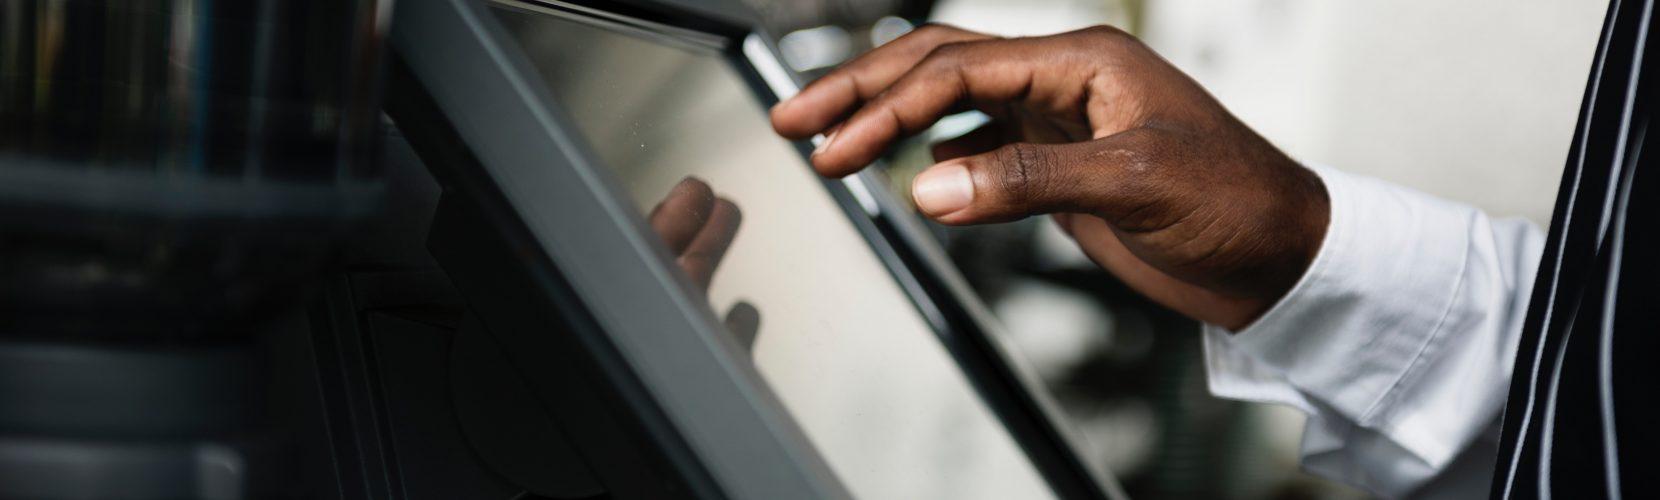 News, Tipps & Aktuelles: Registrierkassenpflicht